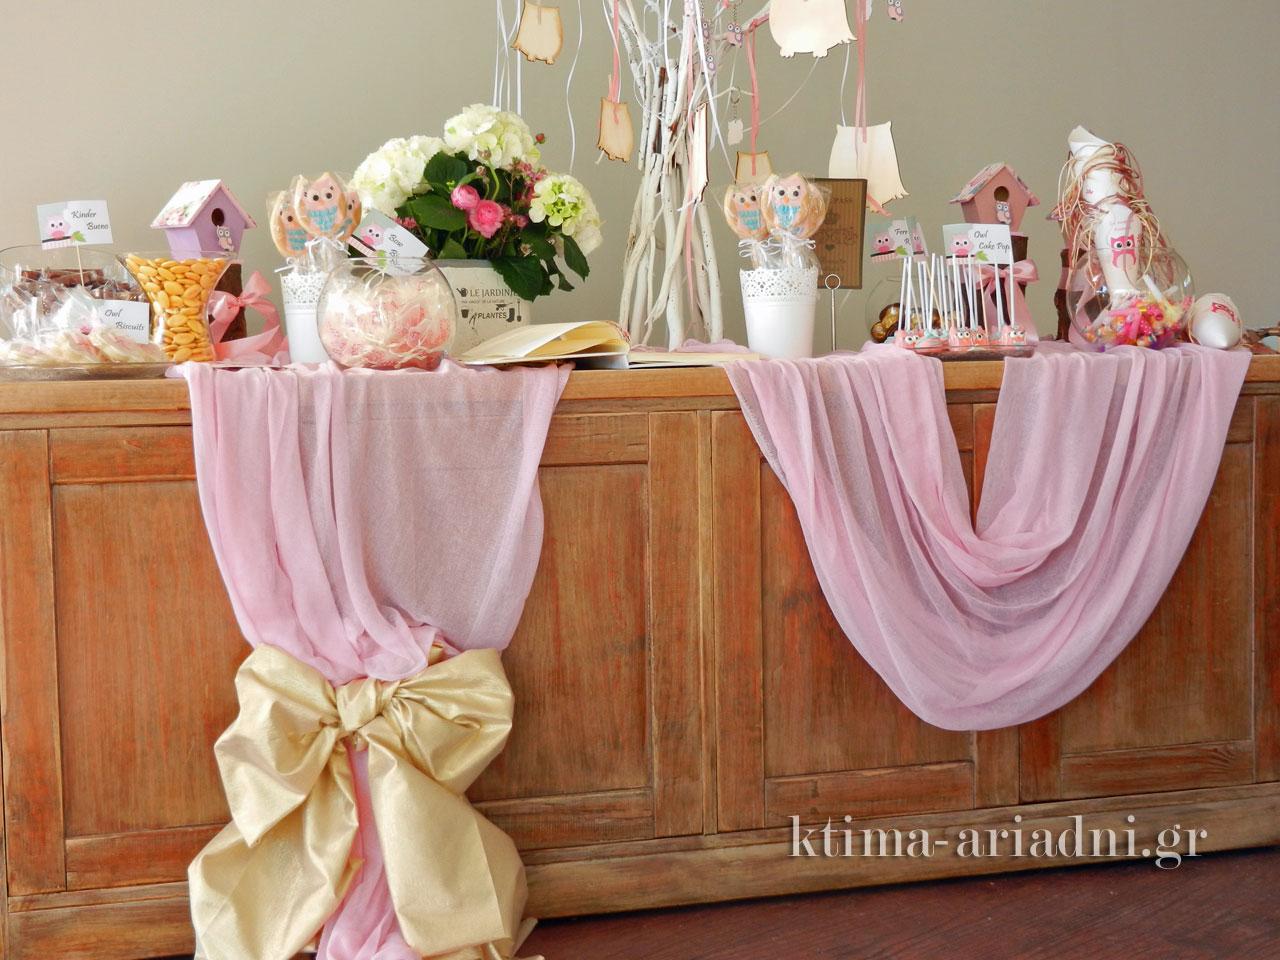 Τραπέζια ευχών και γλυκών για βάπτιση Part 3 {Playful Style}